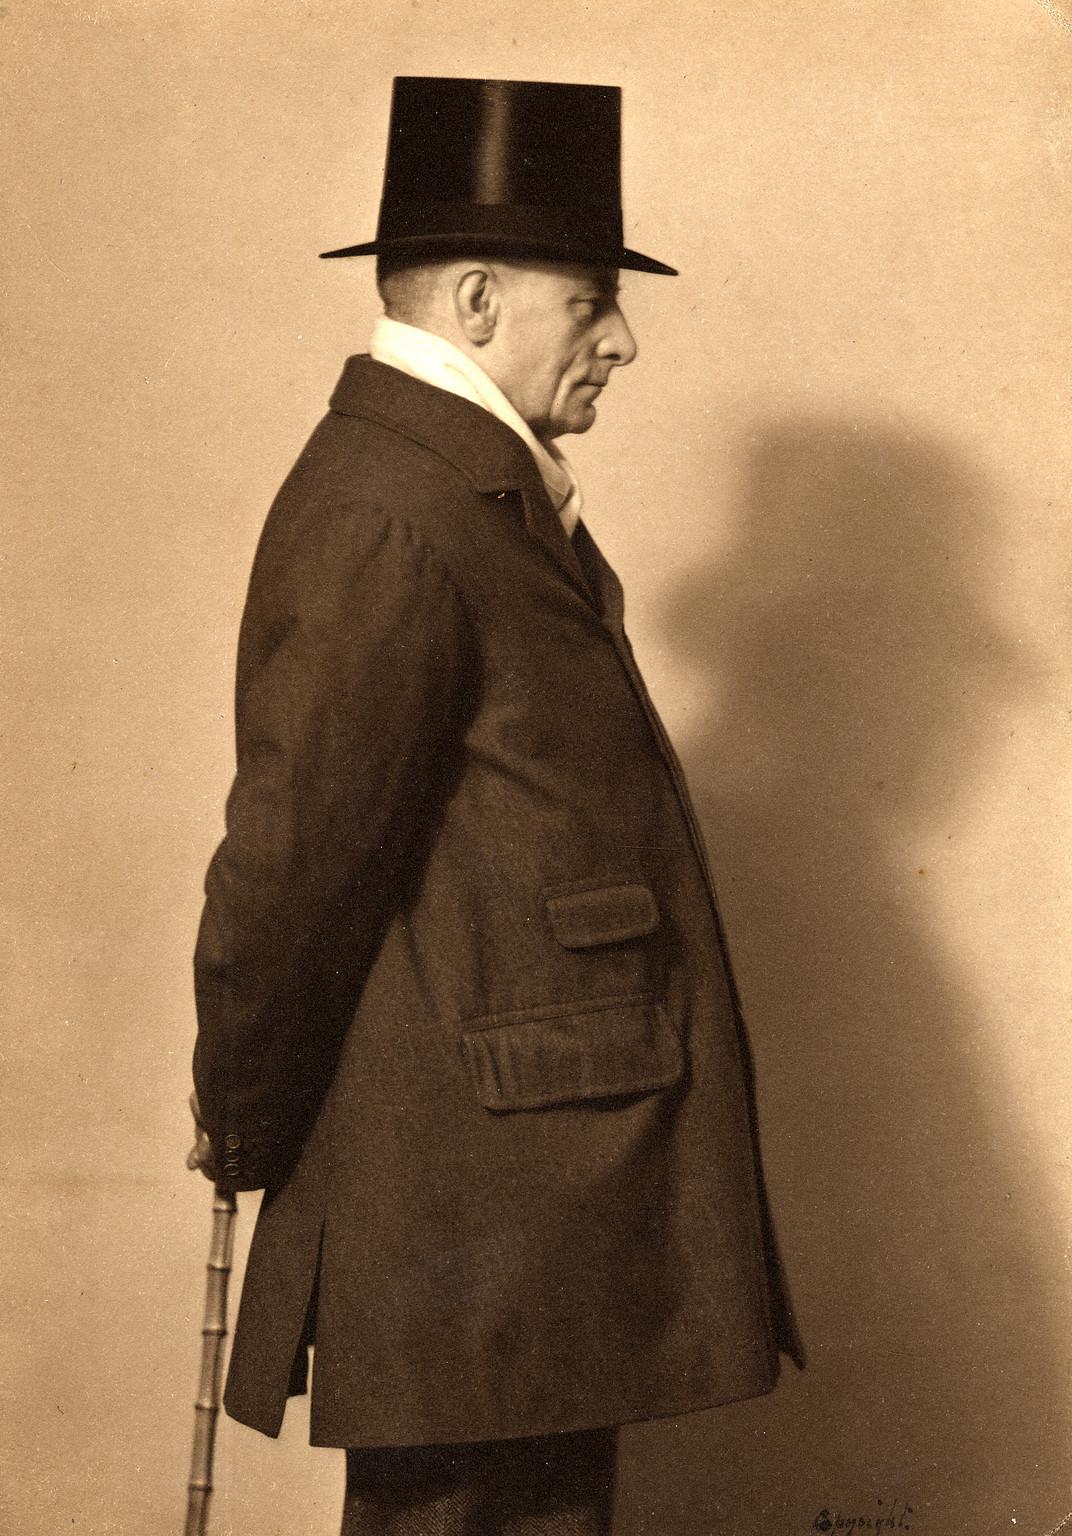 Walter Sickert the Artist...not Jack The Ripper